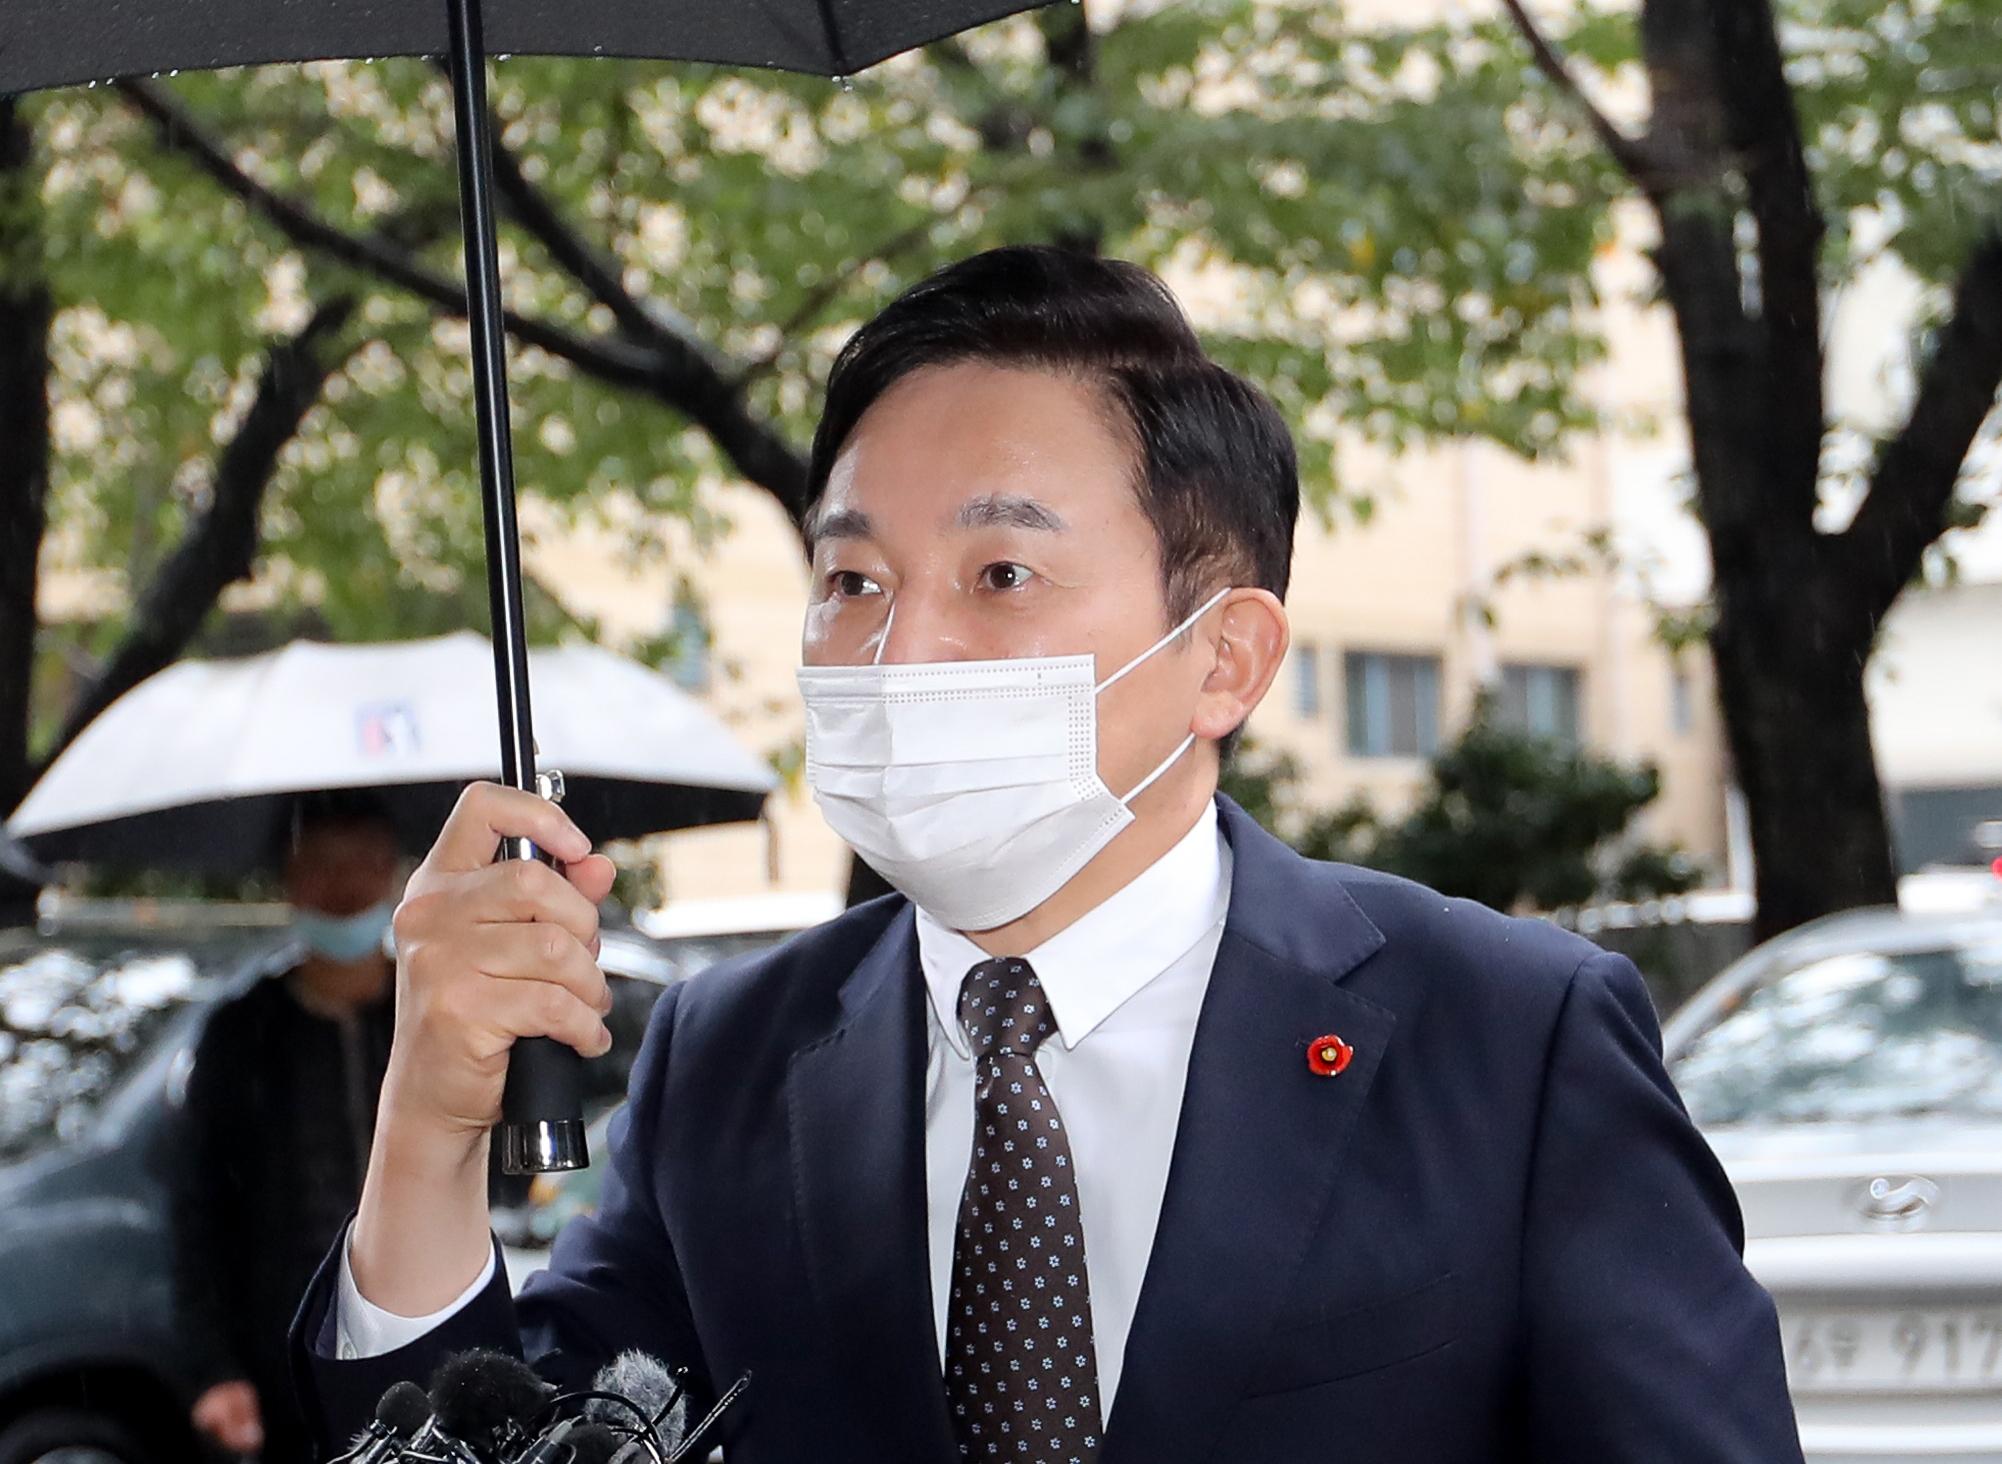 공직선거법 위반 혐의로 불구속 기소된 원희룡 제주지사가 21일 오후 제주지방법원에서 열린 첫 공판에 출석하고 있다. 뉴시스